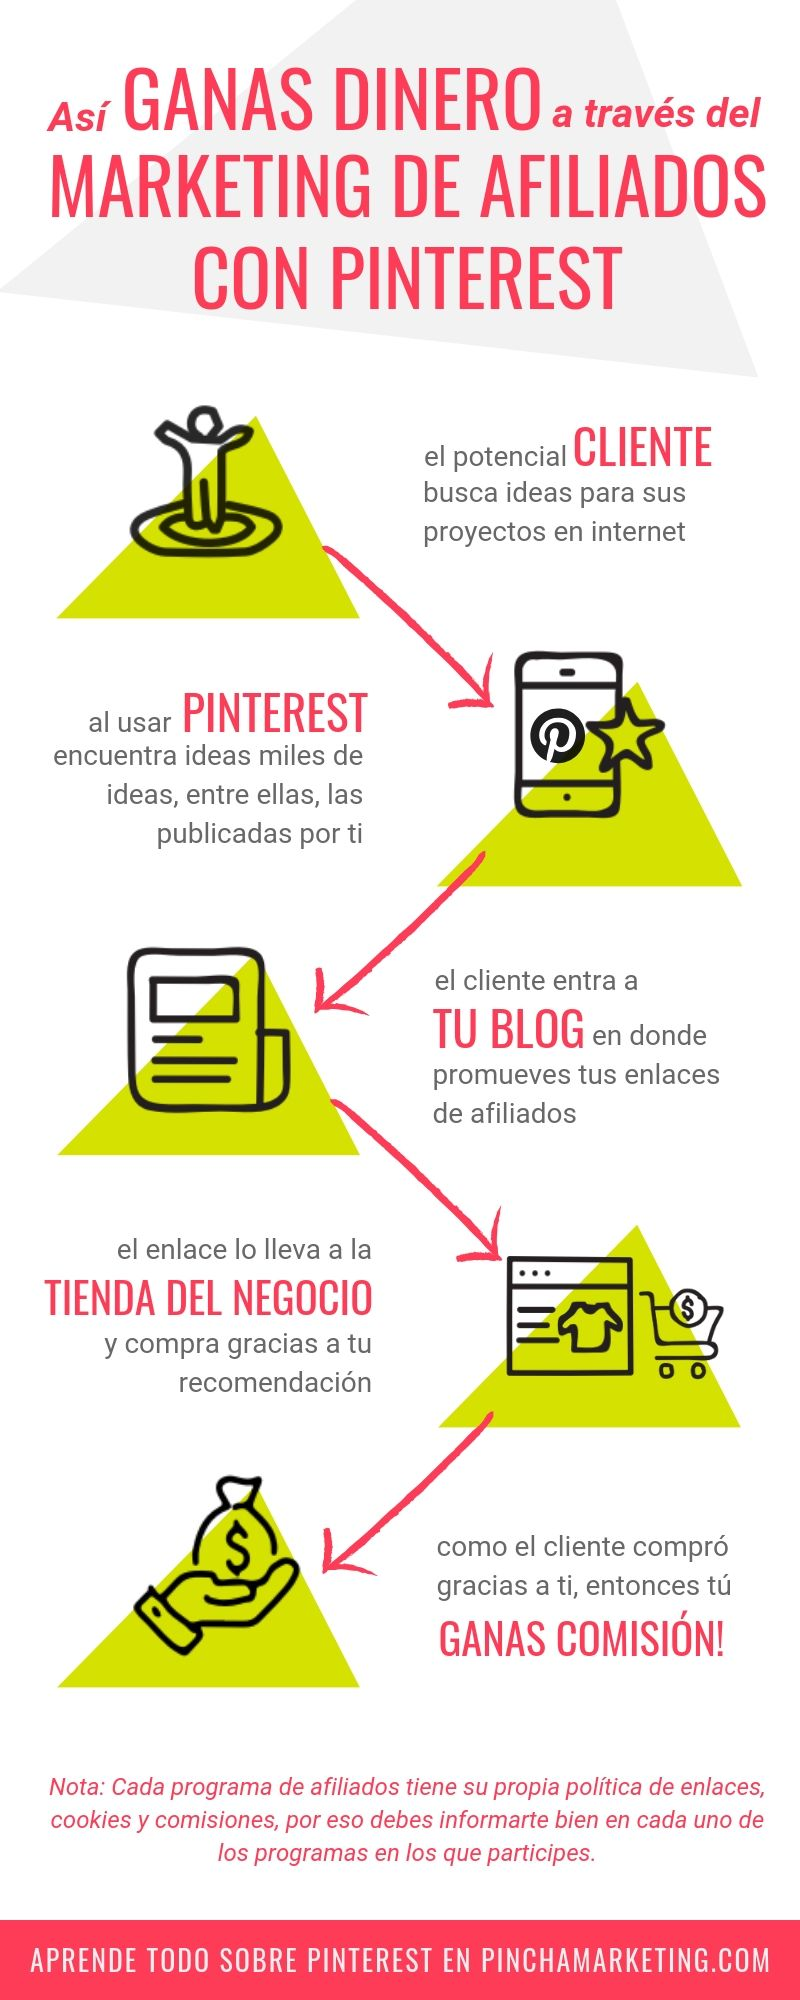 Marketing de Afiliados con Pinterest: La combinación perfecta para ganar dinero online #pinchapodcast #ganardinero #marketingdeafiliados #redessociales #ganardineroporinternet